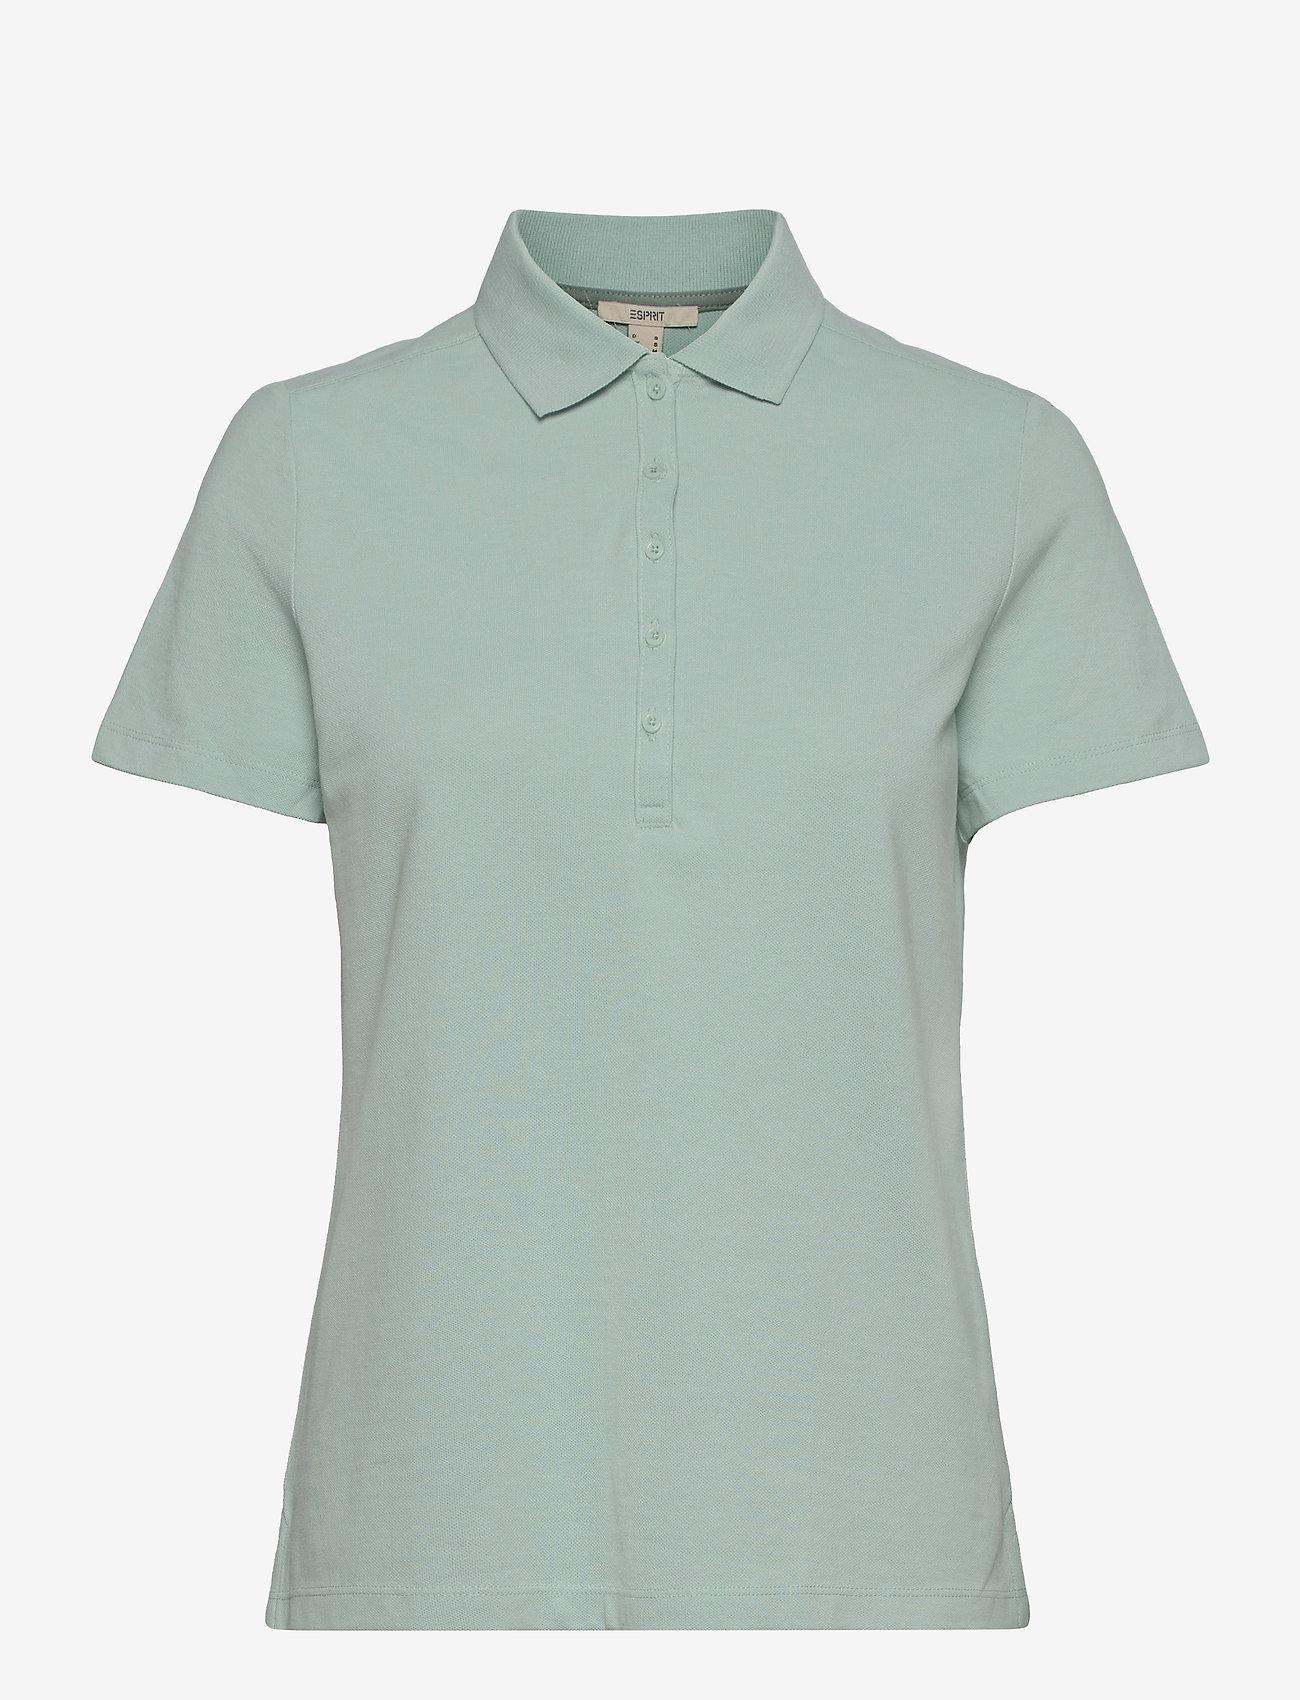 Esprit Casual - T-Shirts - polohemden - light aqua green - 0